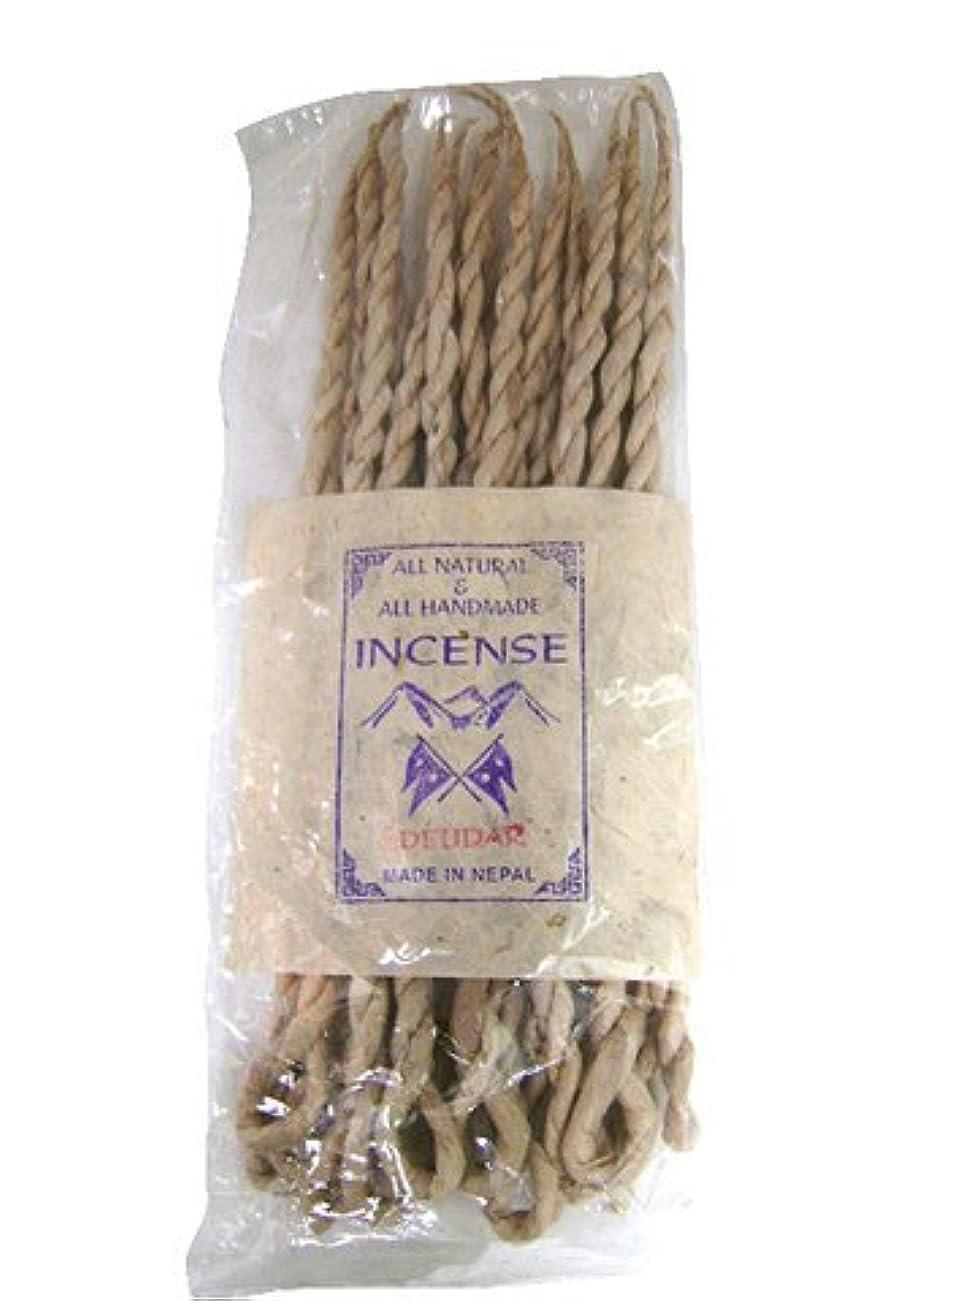 変更ボーナス動かないNEPAL INCENSE 日本では当店でのみ販売 ネパールの高級ねじり香(ロープ) デウダル